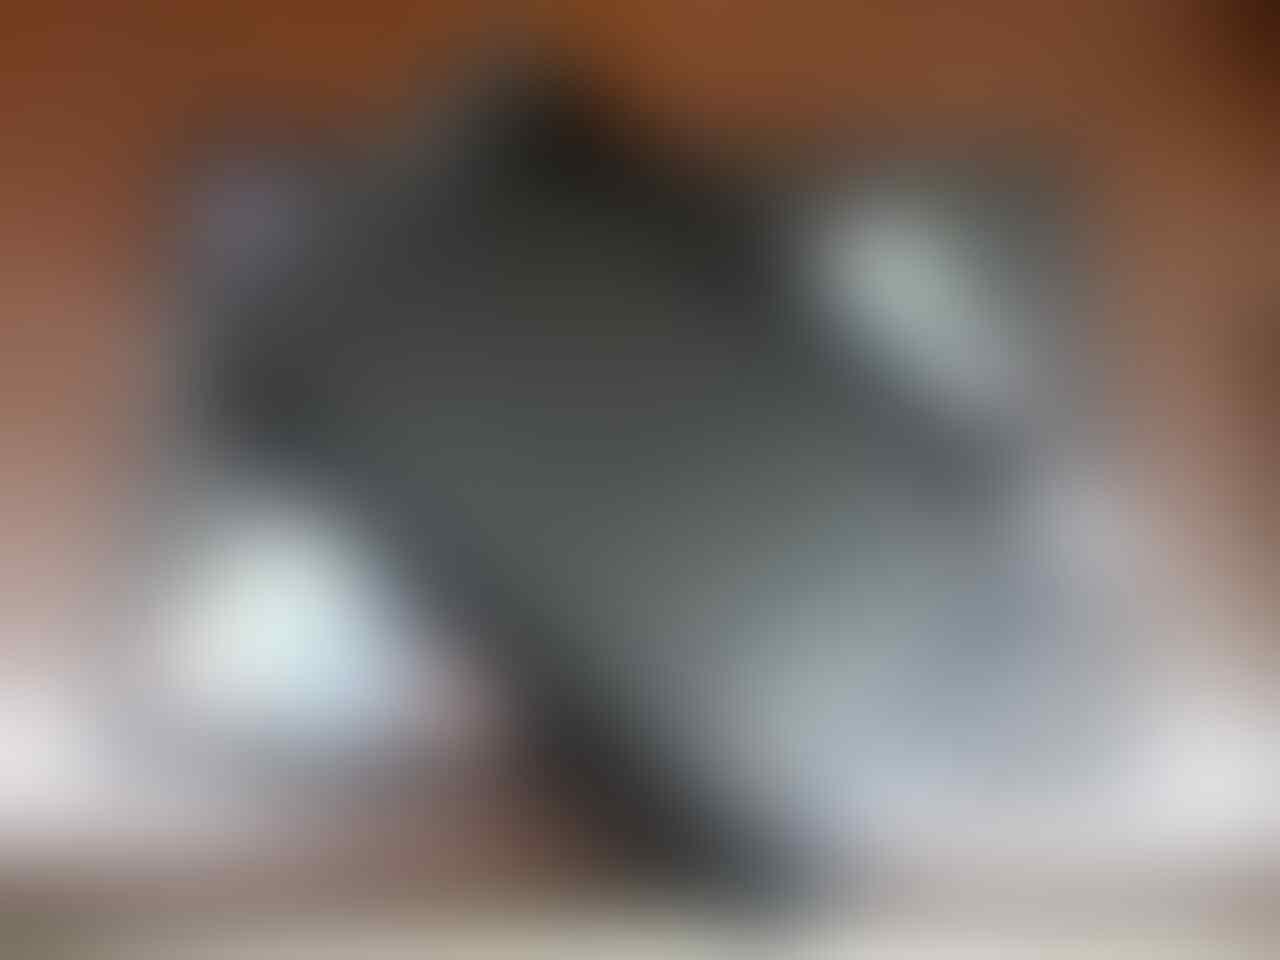 AXIOO PicoPad 7 GGA